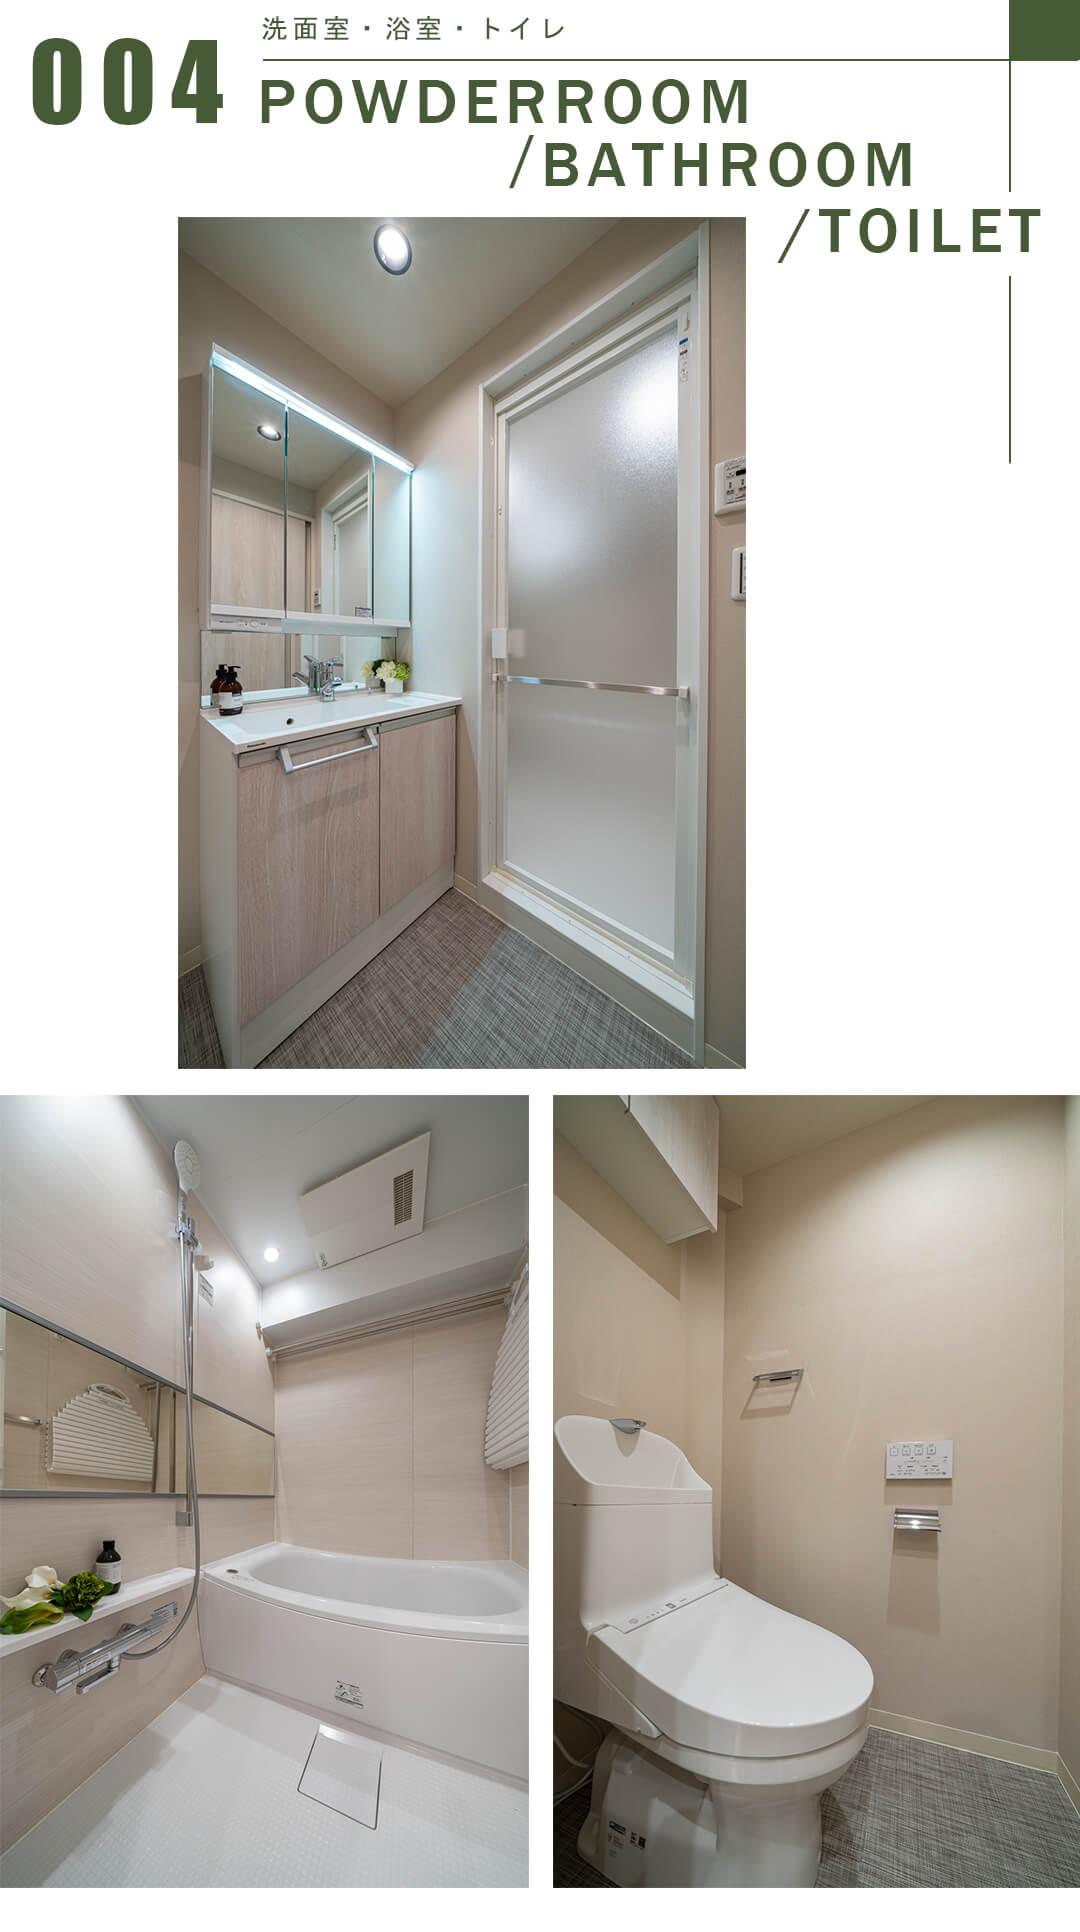 パレステュディオ九段北の丸の洗面室と浴室とトイレ